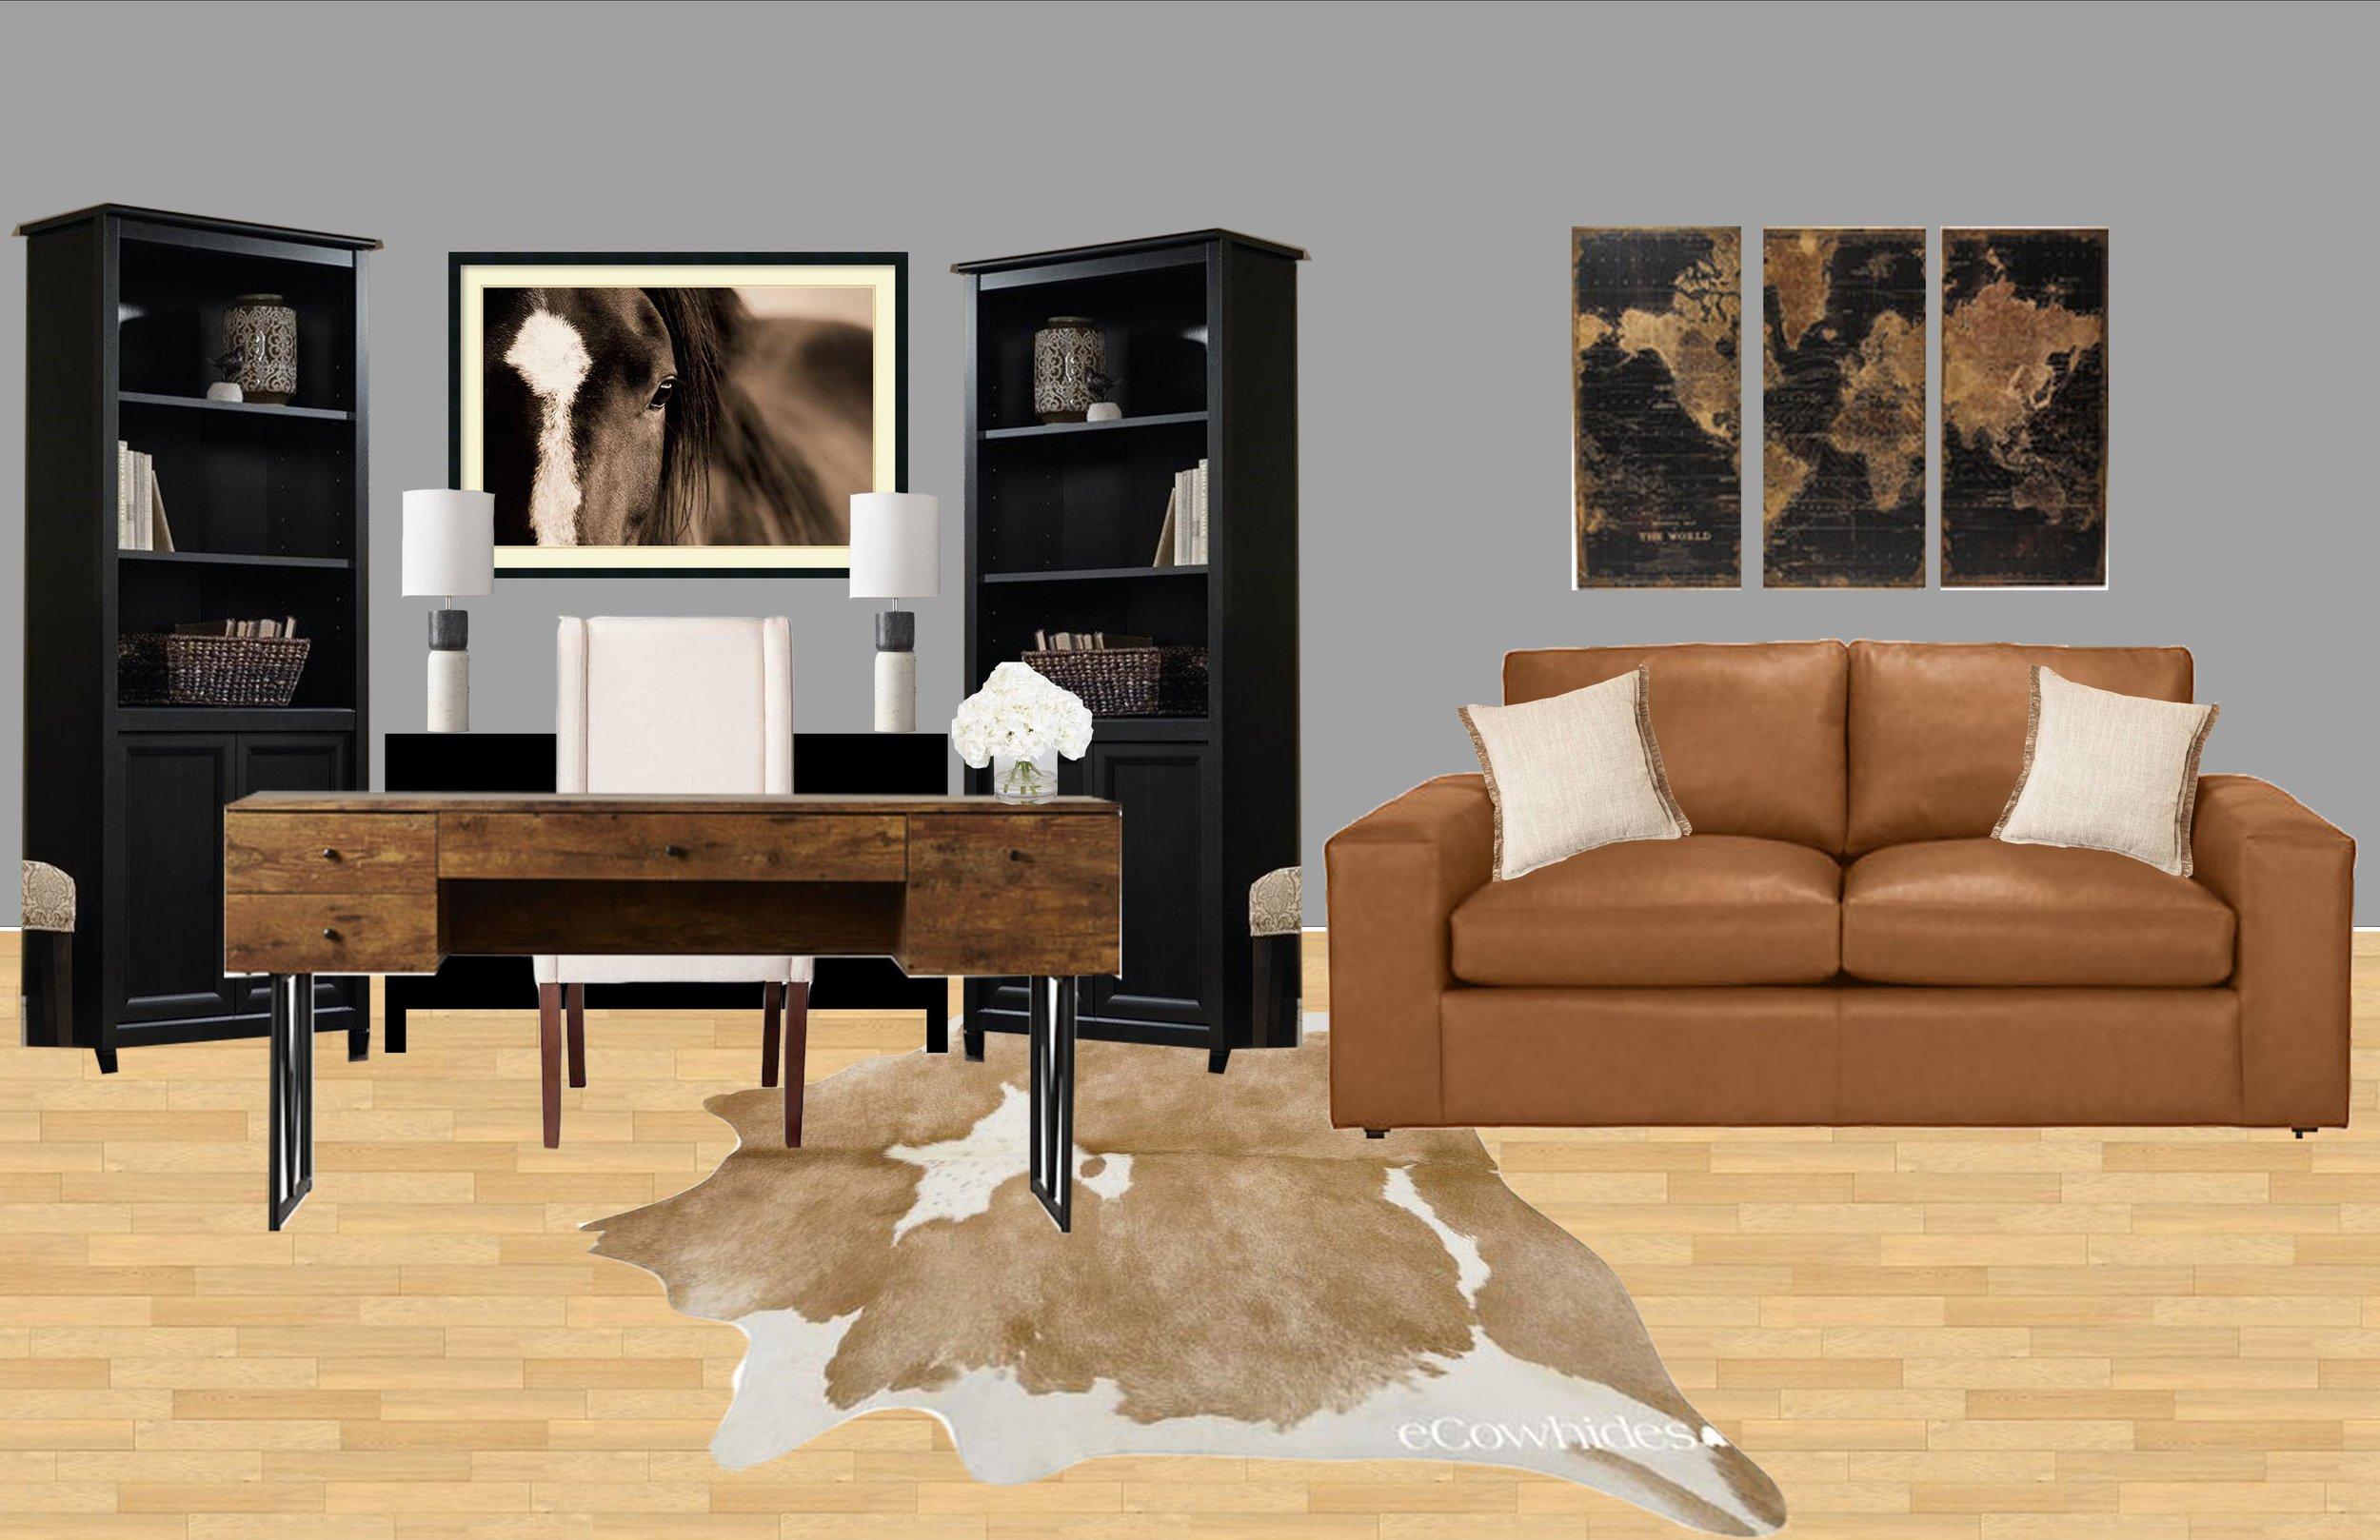 Elisha_DesignBoard.jpg